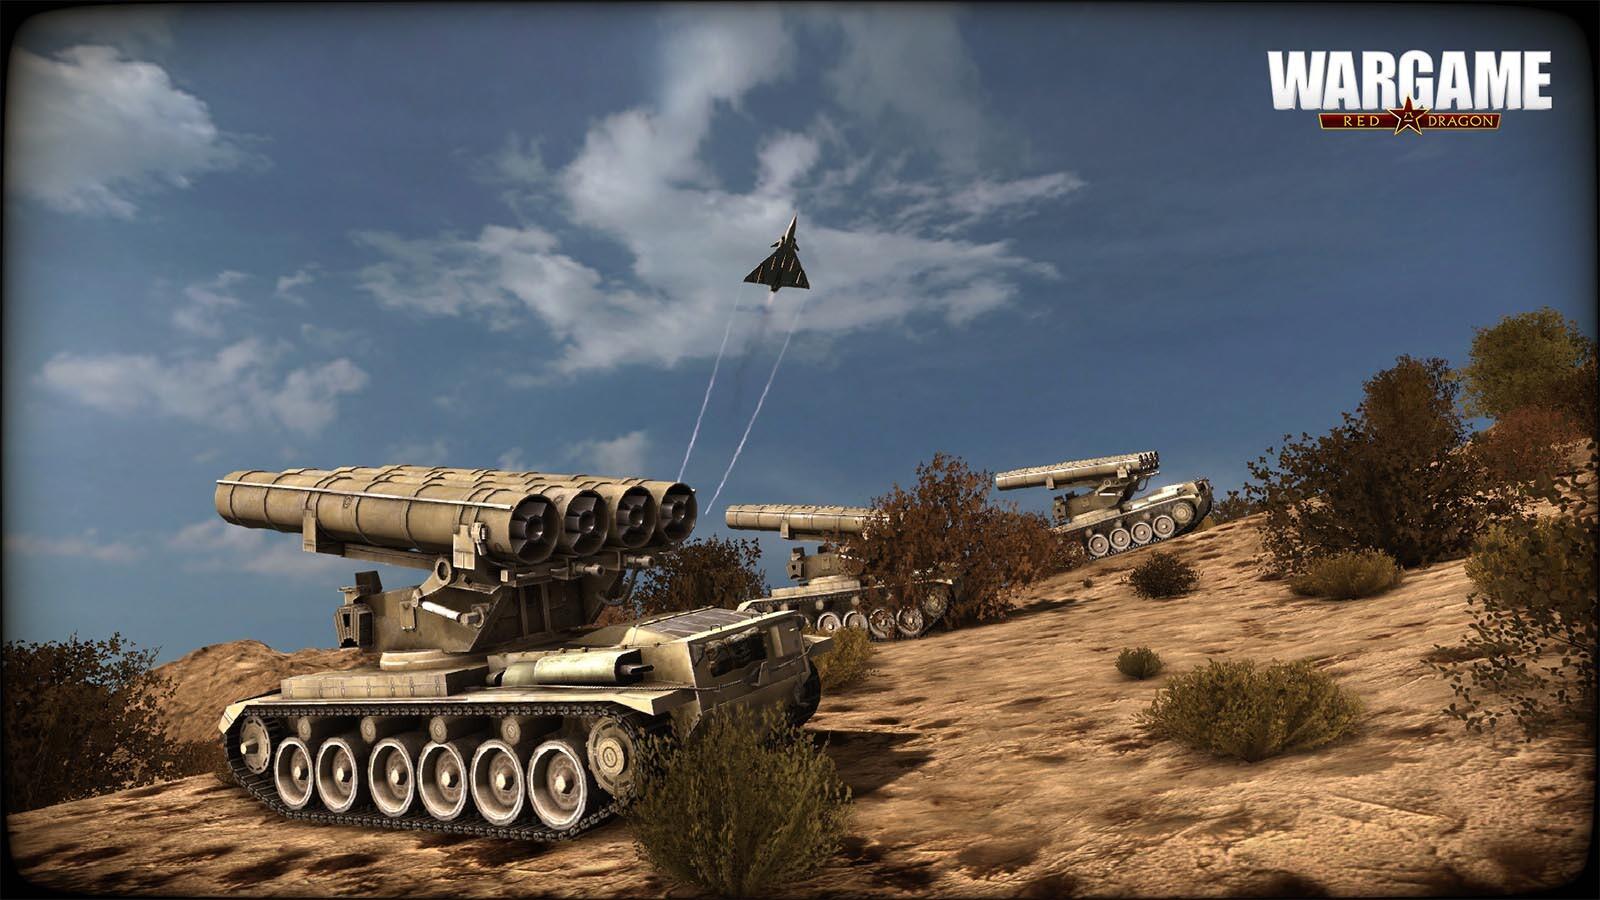 Wargame: